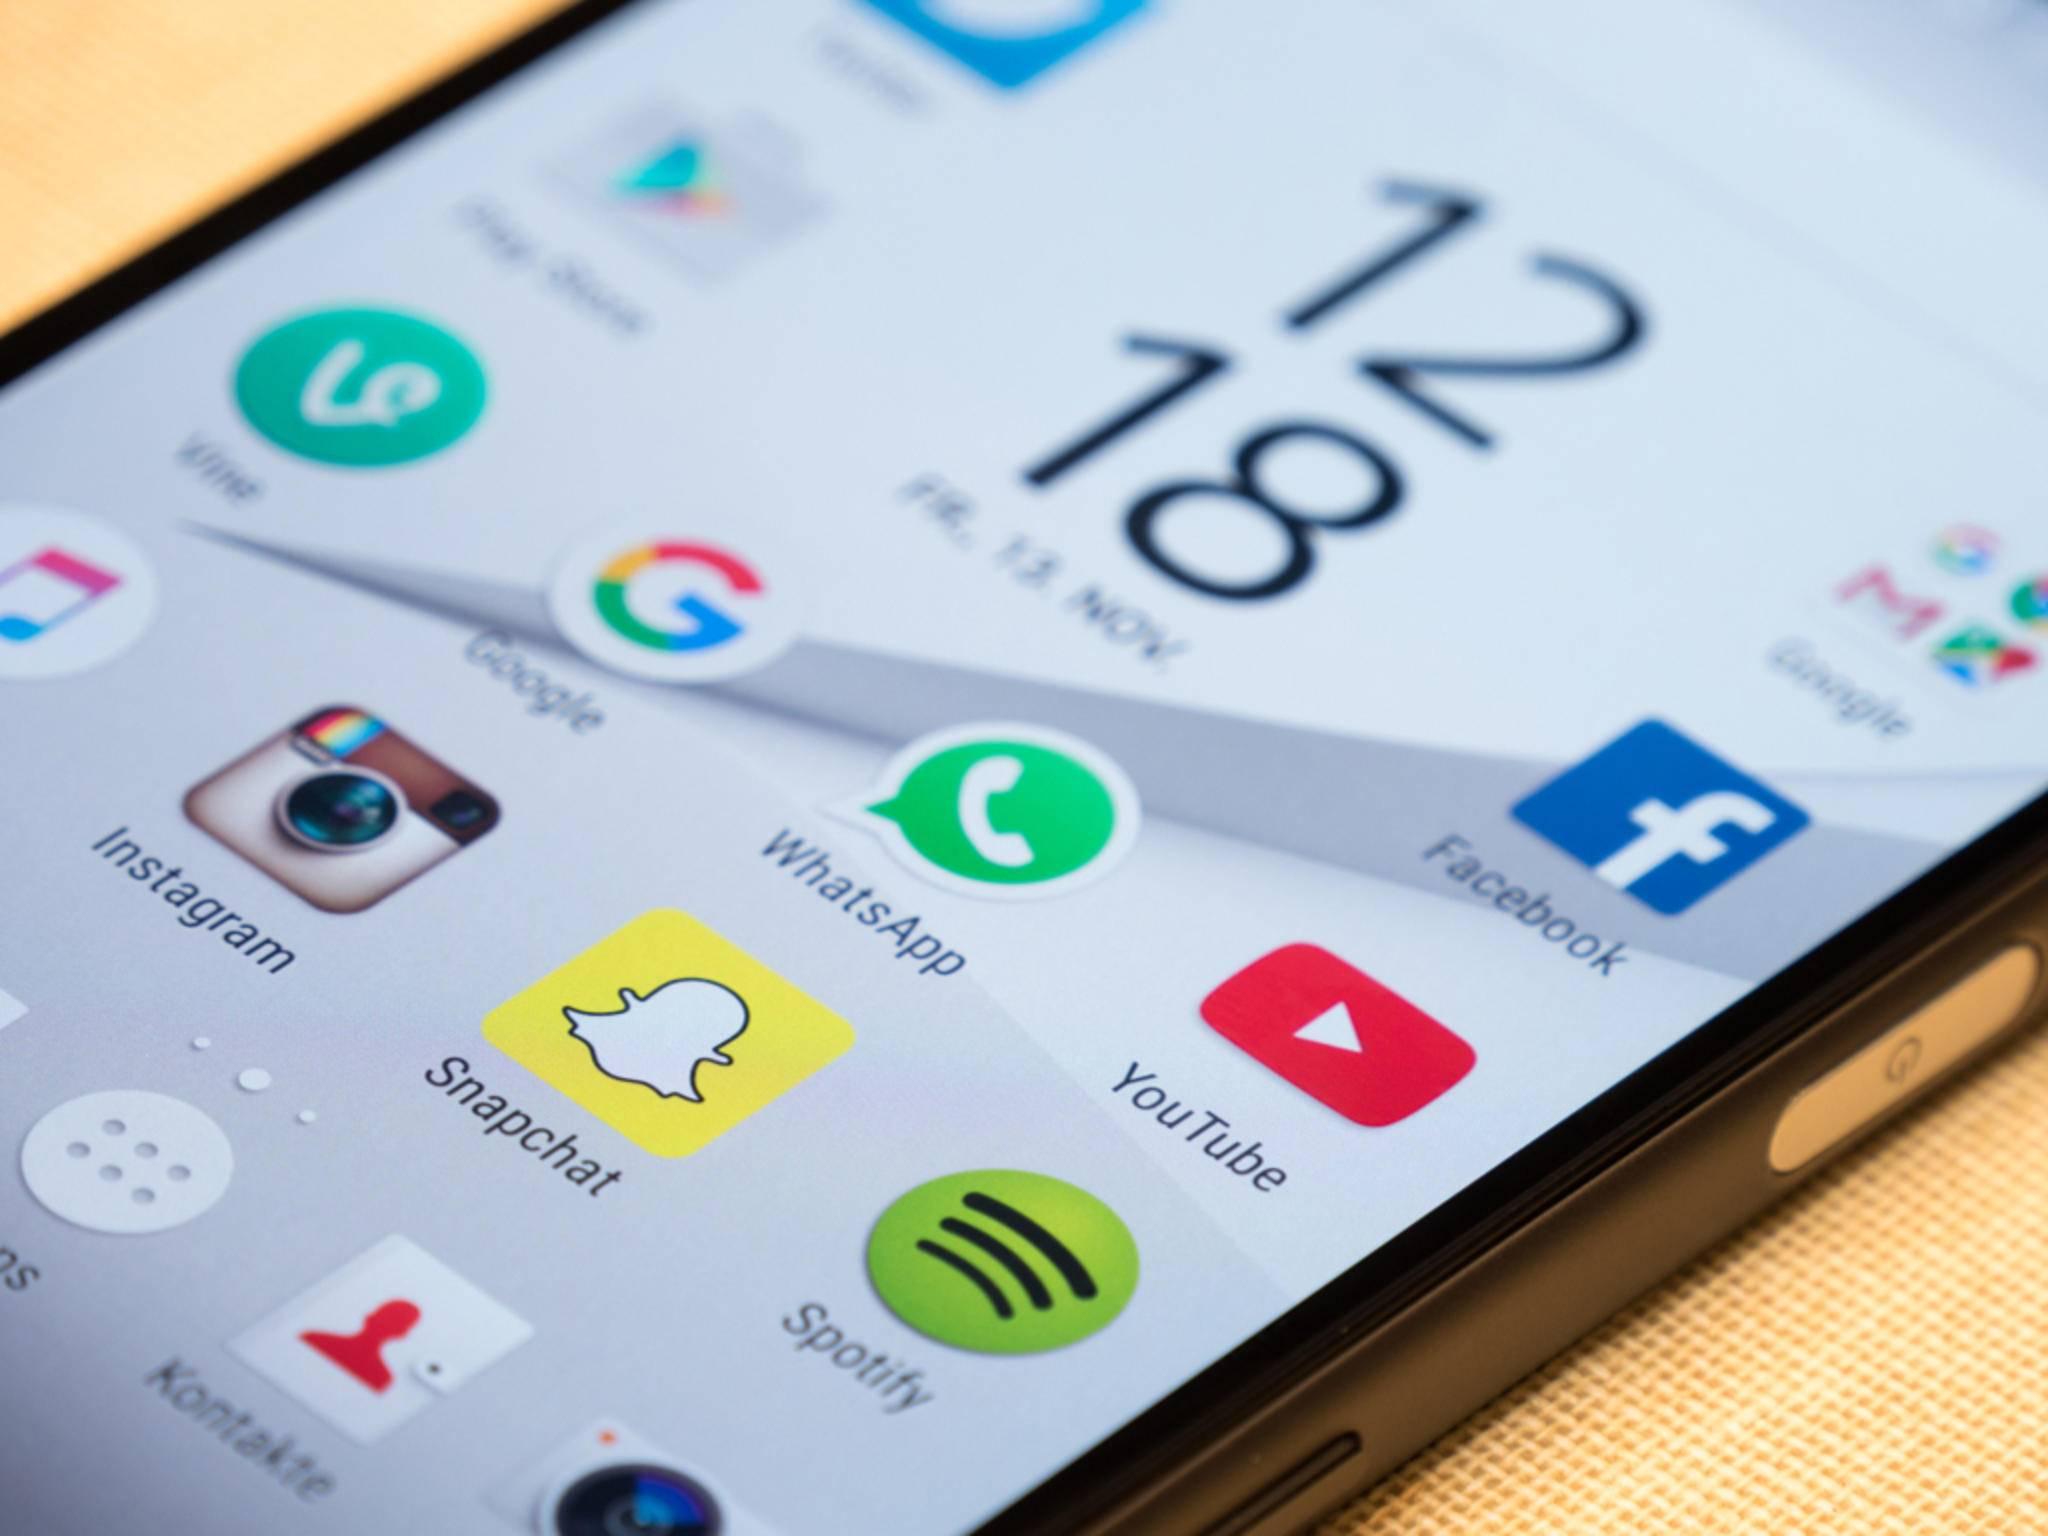 Wenn Du keinen Platz mehr auf dem Smartphone hast, kannst Du nach doppelten Apps suchen.